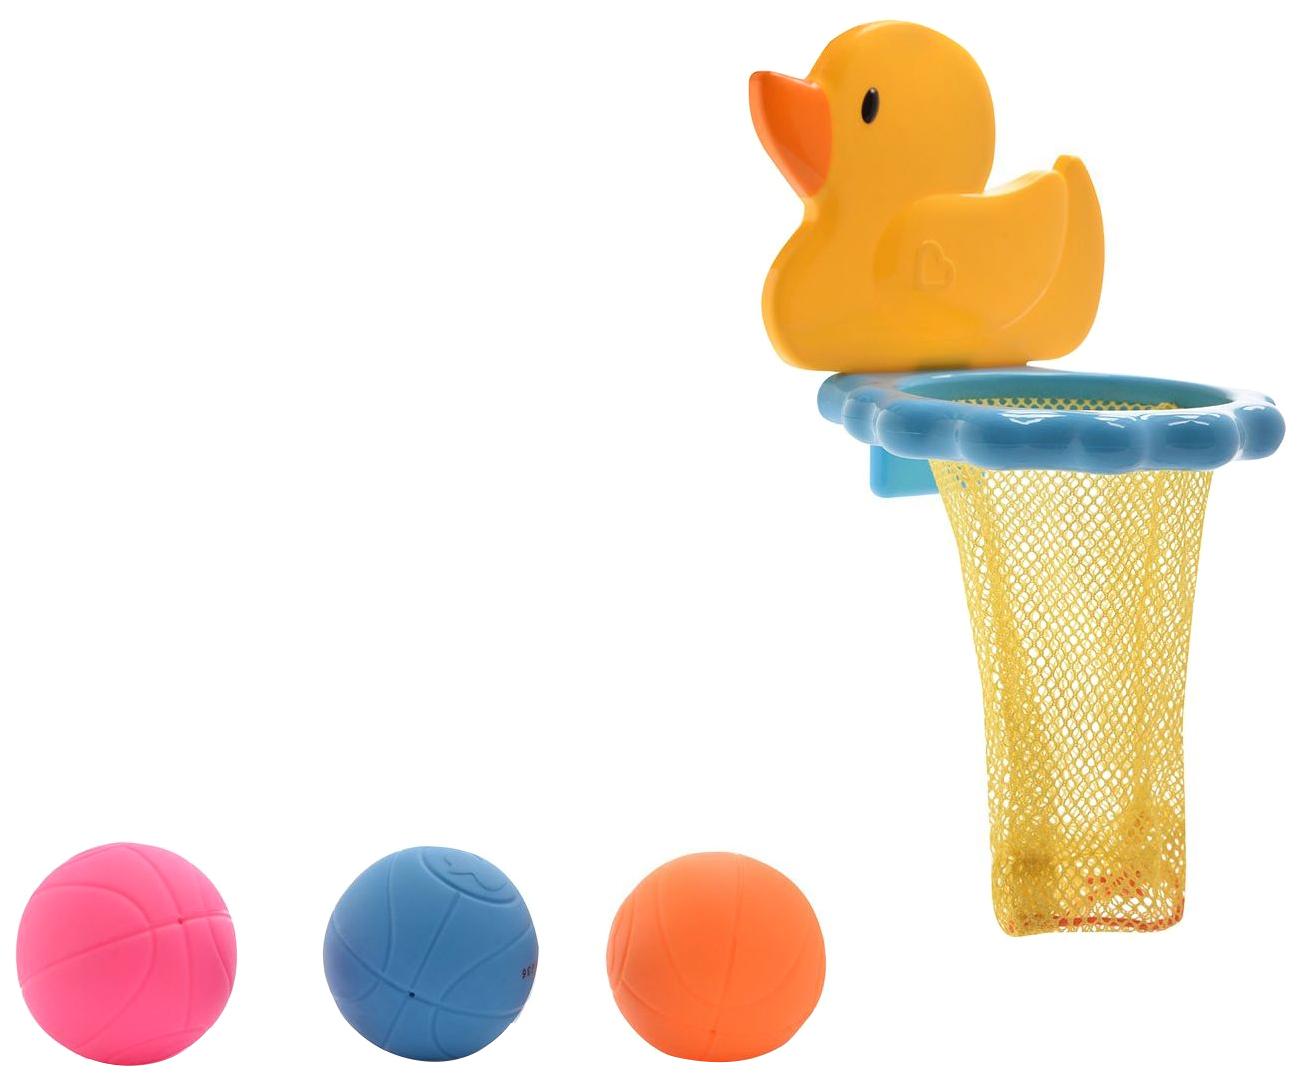 Купить Игрушки для ванны Munchkin new баскетбол утка от 12 мес /12, Игрушки для купания